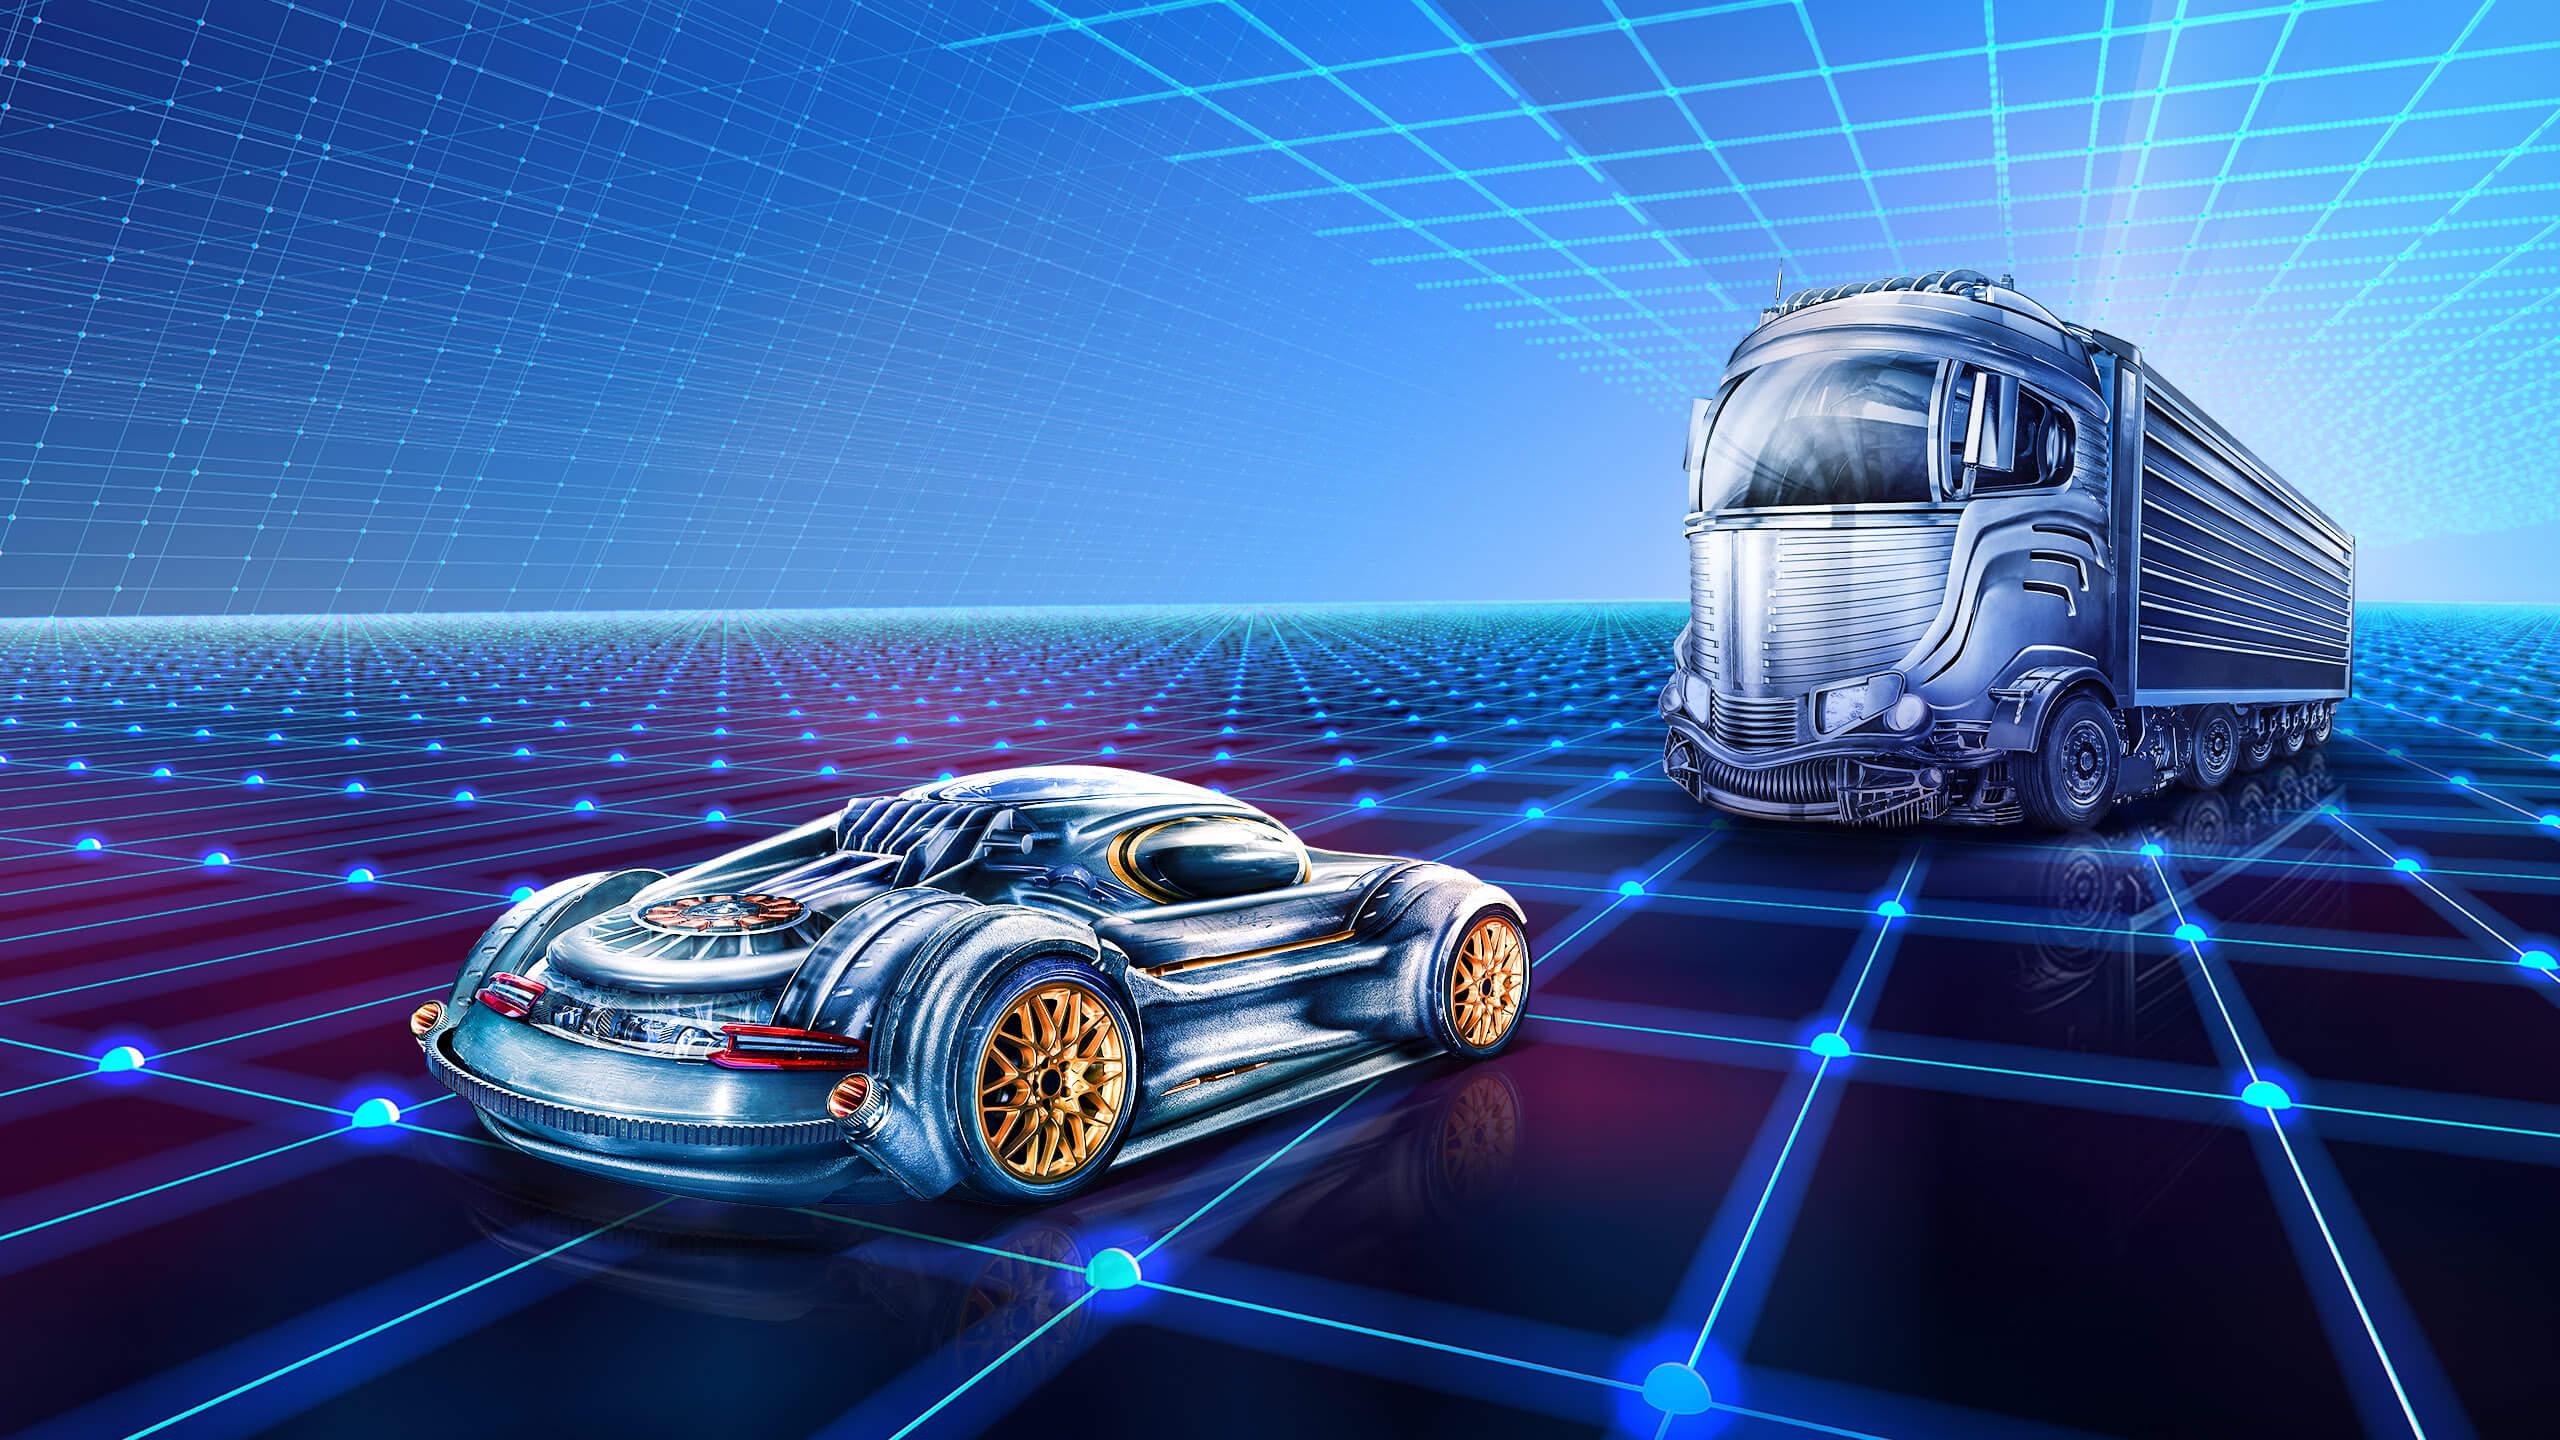 المعرض التجاري الرائد في المملكة العربية السعودية والمتخصص في قطاع خدمات مابعد البيع للمركبات